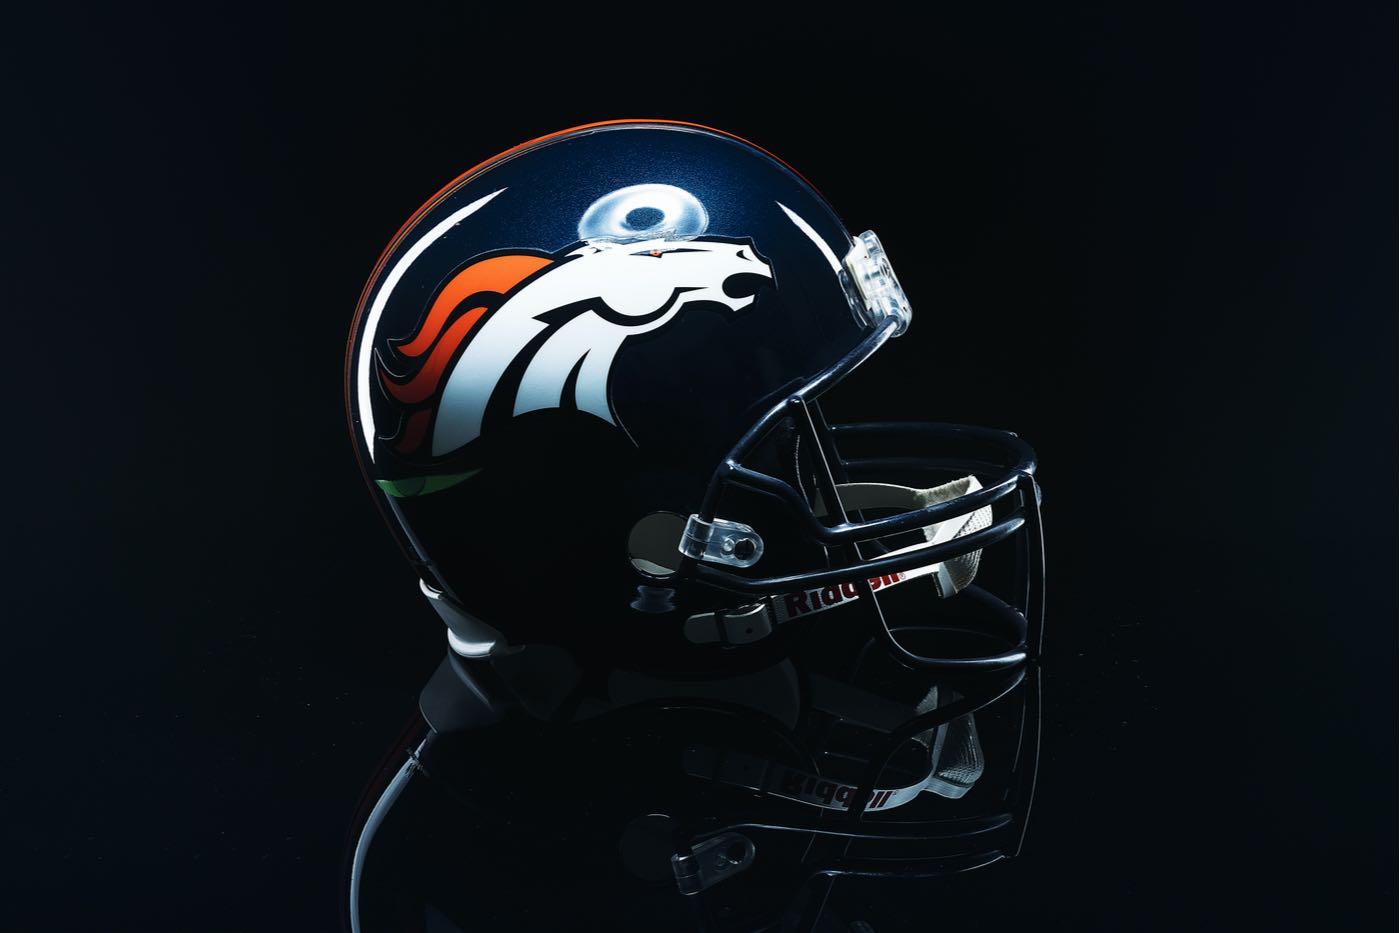 Surgen dos potenciales compradores interesados en los Broncos de Denver, Jeff Bezos y Jay-Z